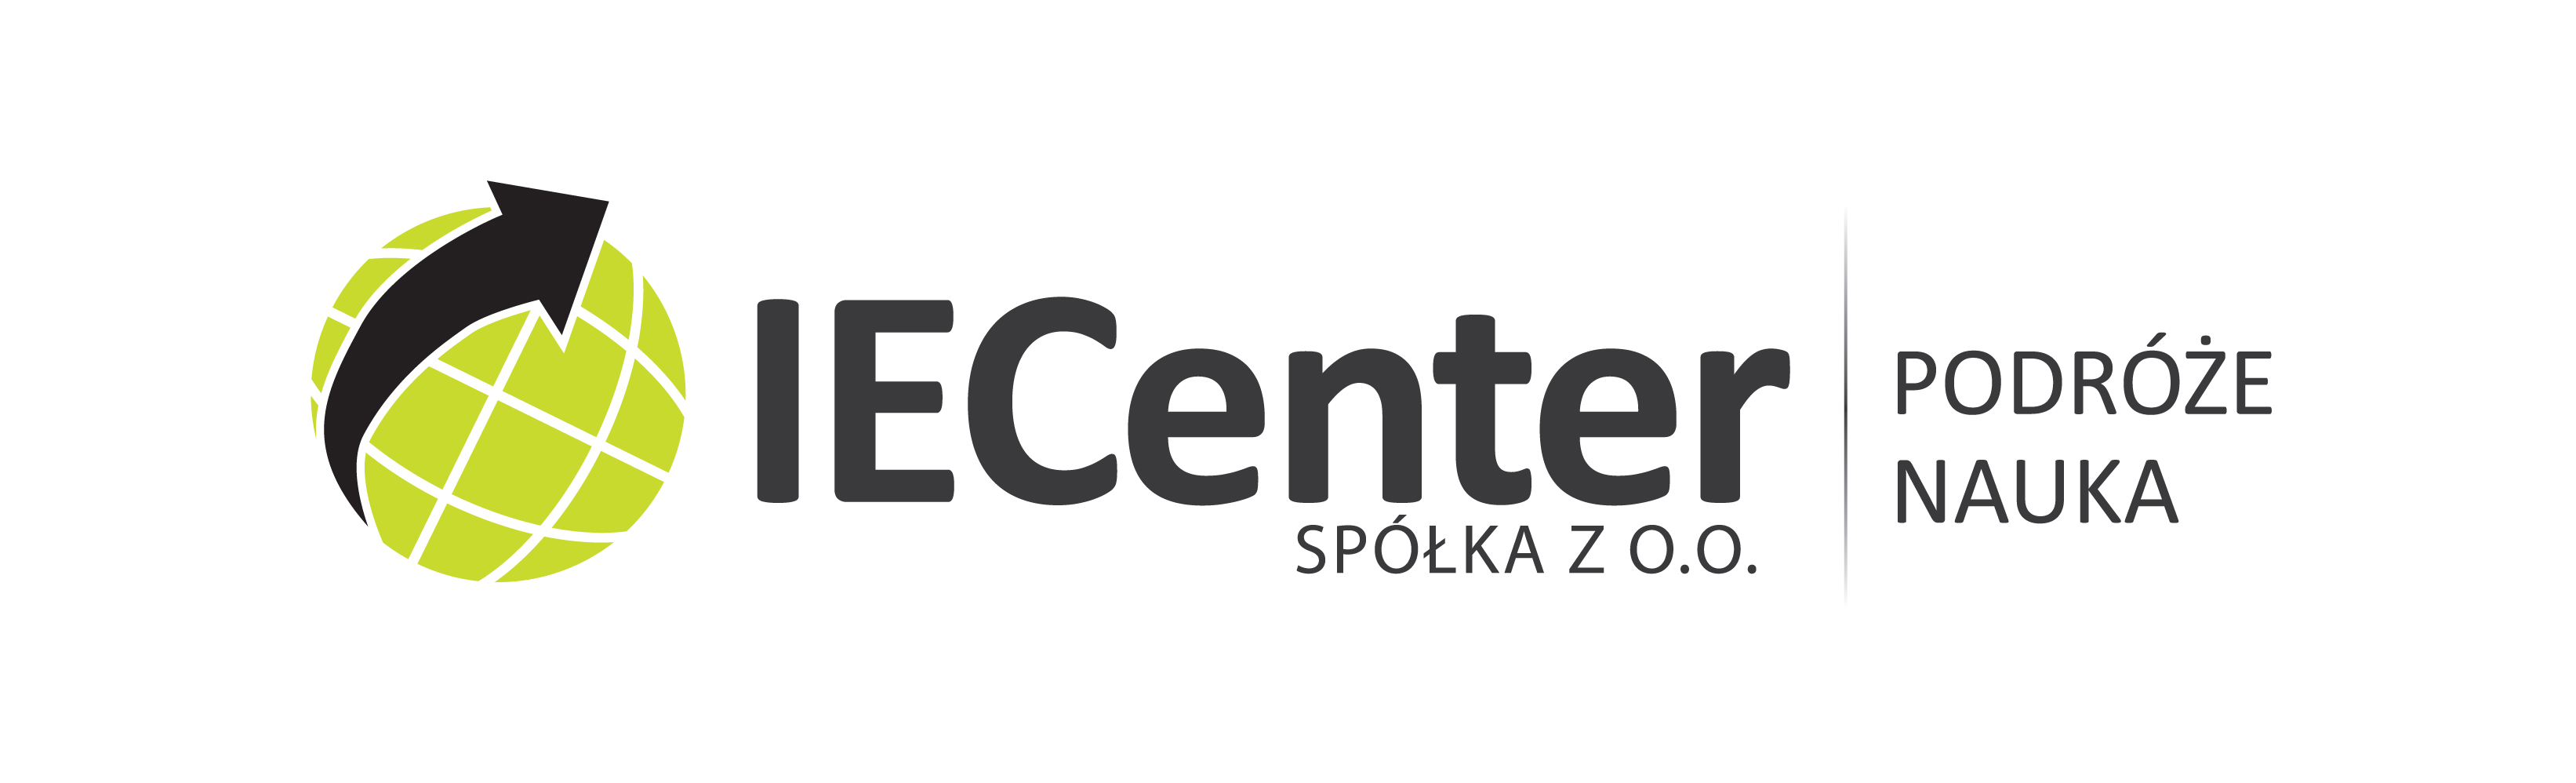 IECenter.jpg